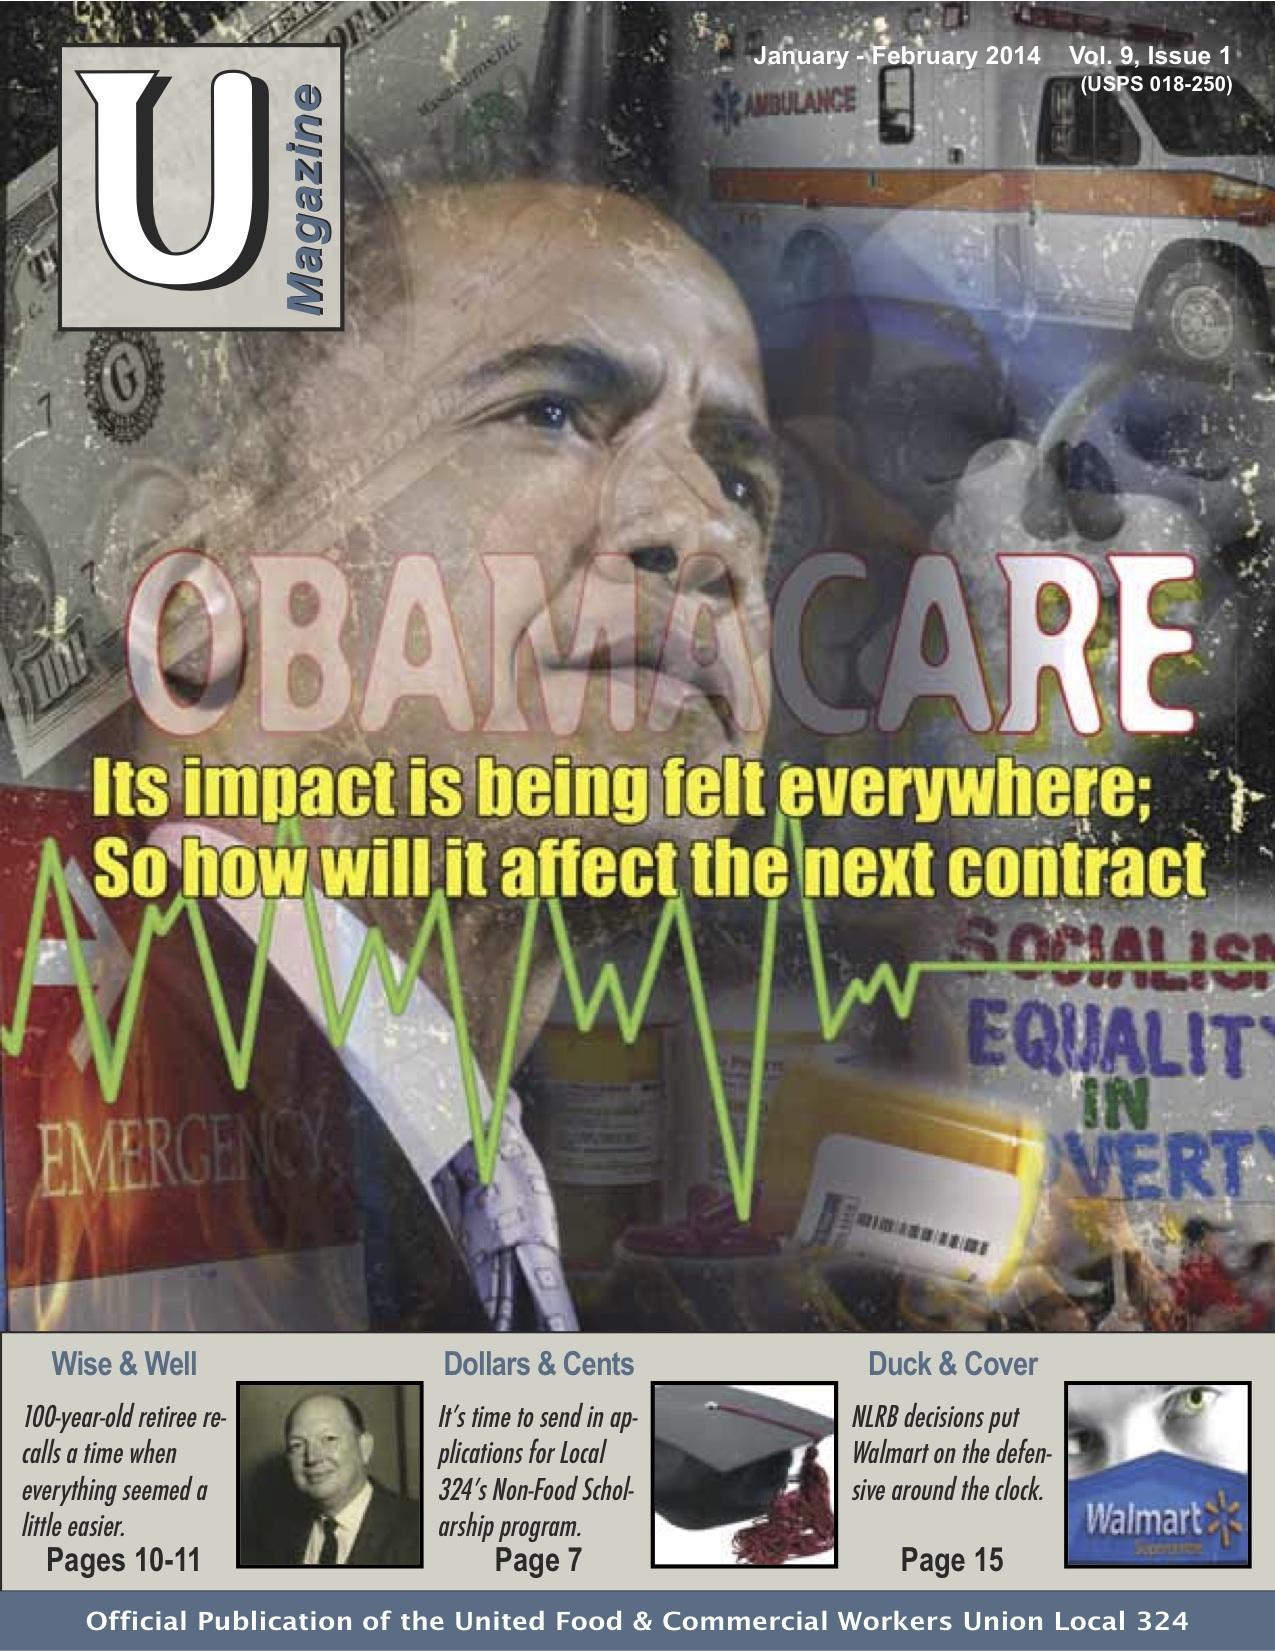 UMagazine January-February 2014